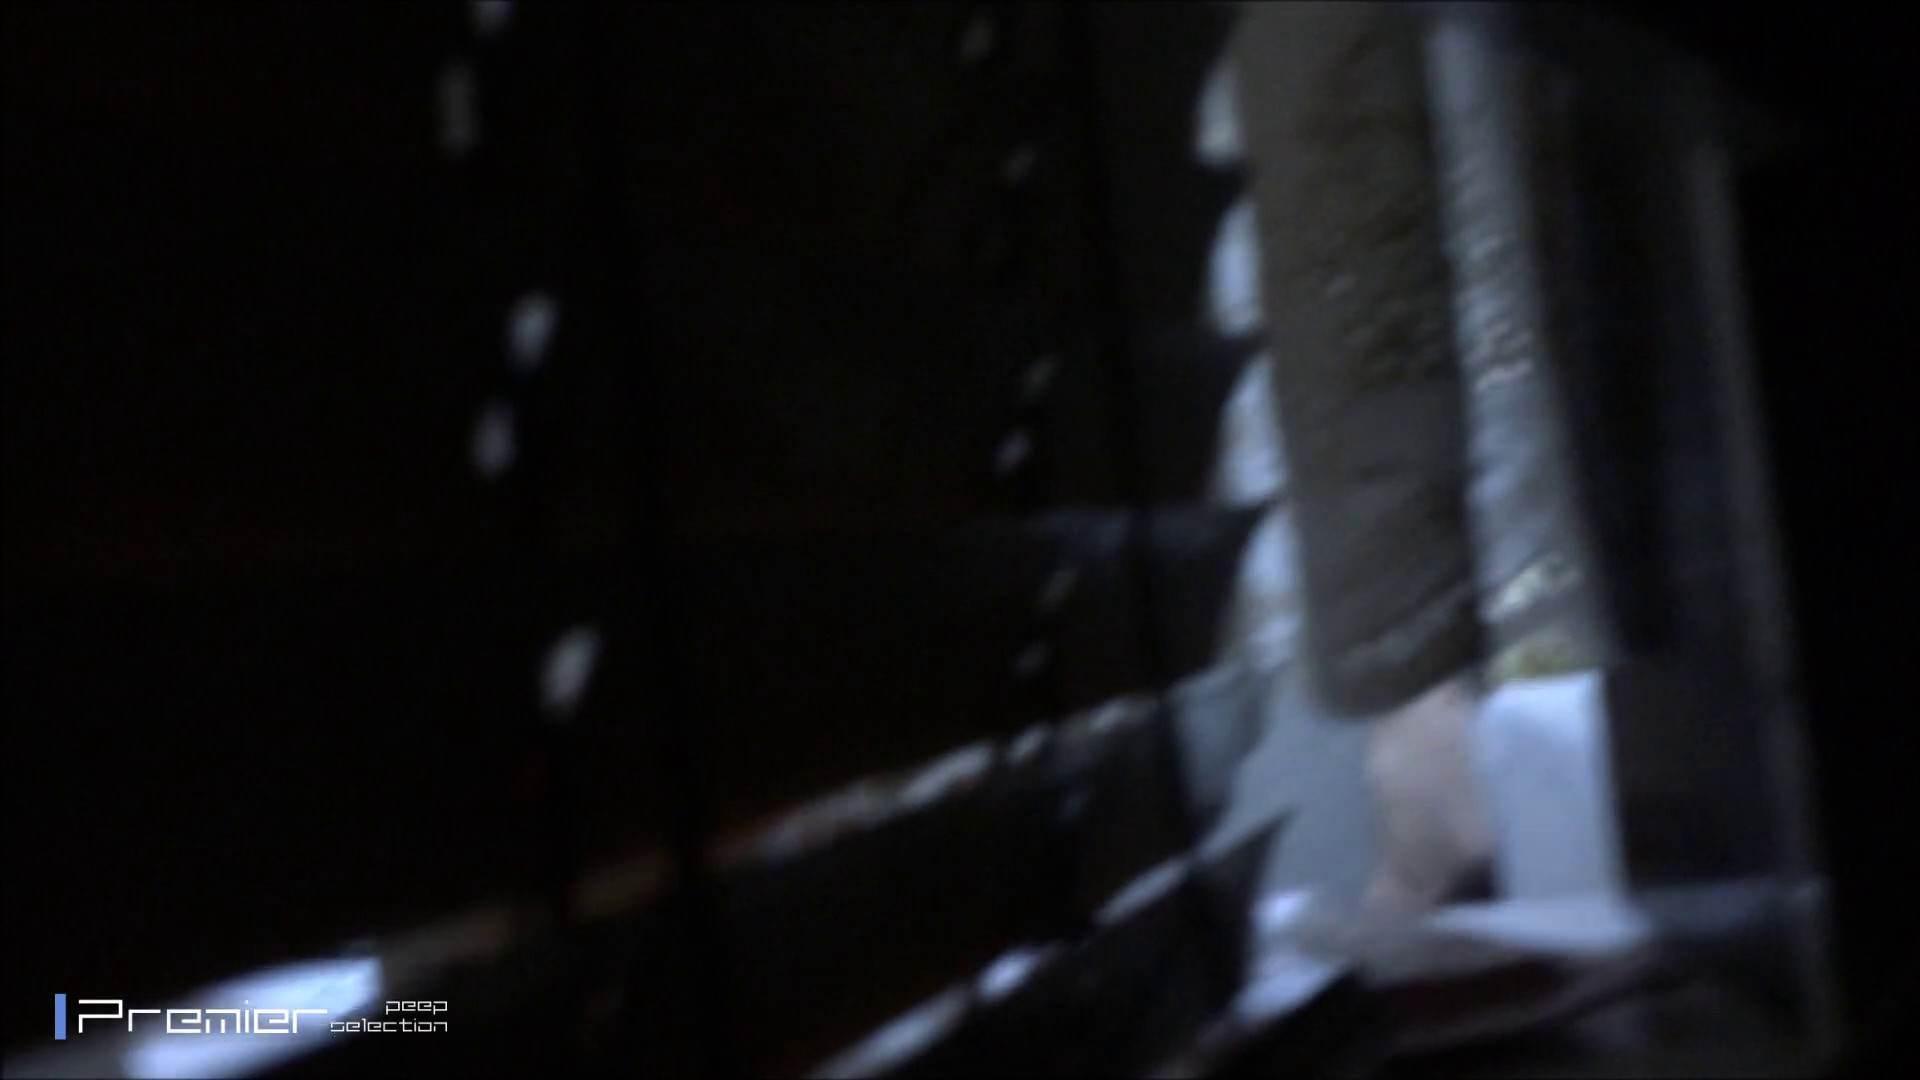 高画質フルハイビジョン スレンダー美女の入浴 乙女の風呂場 Vol.04 桃色乳首 | 美女H映像  84画像 16